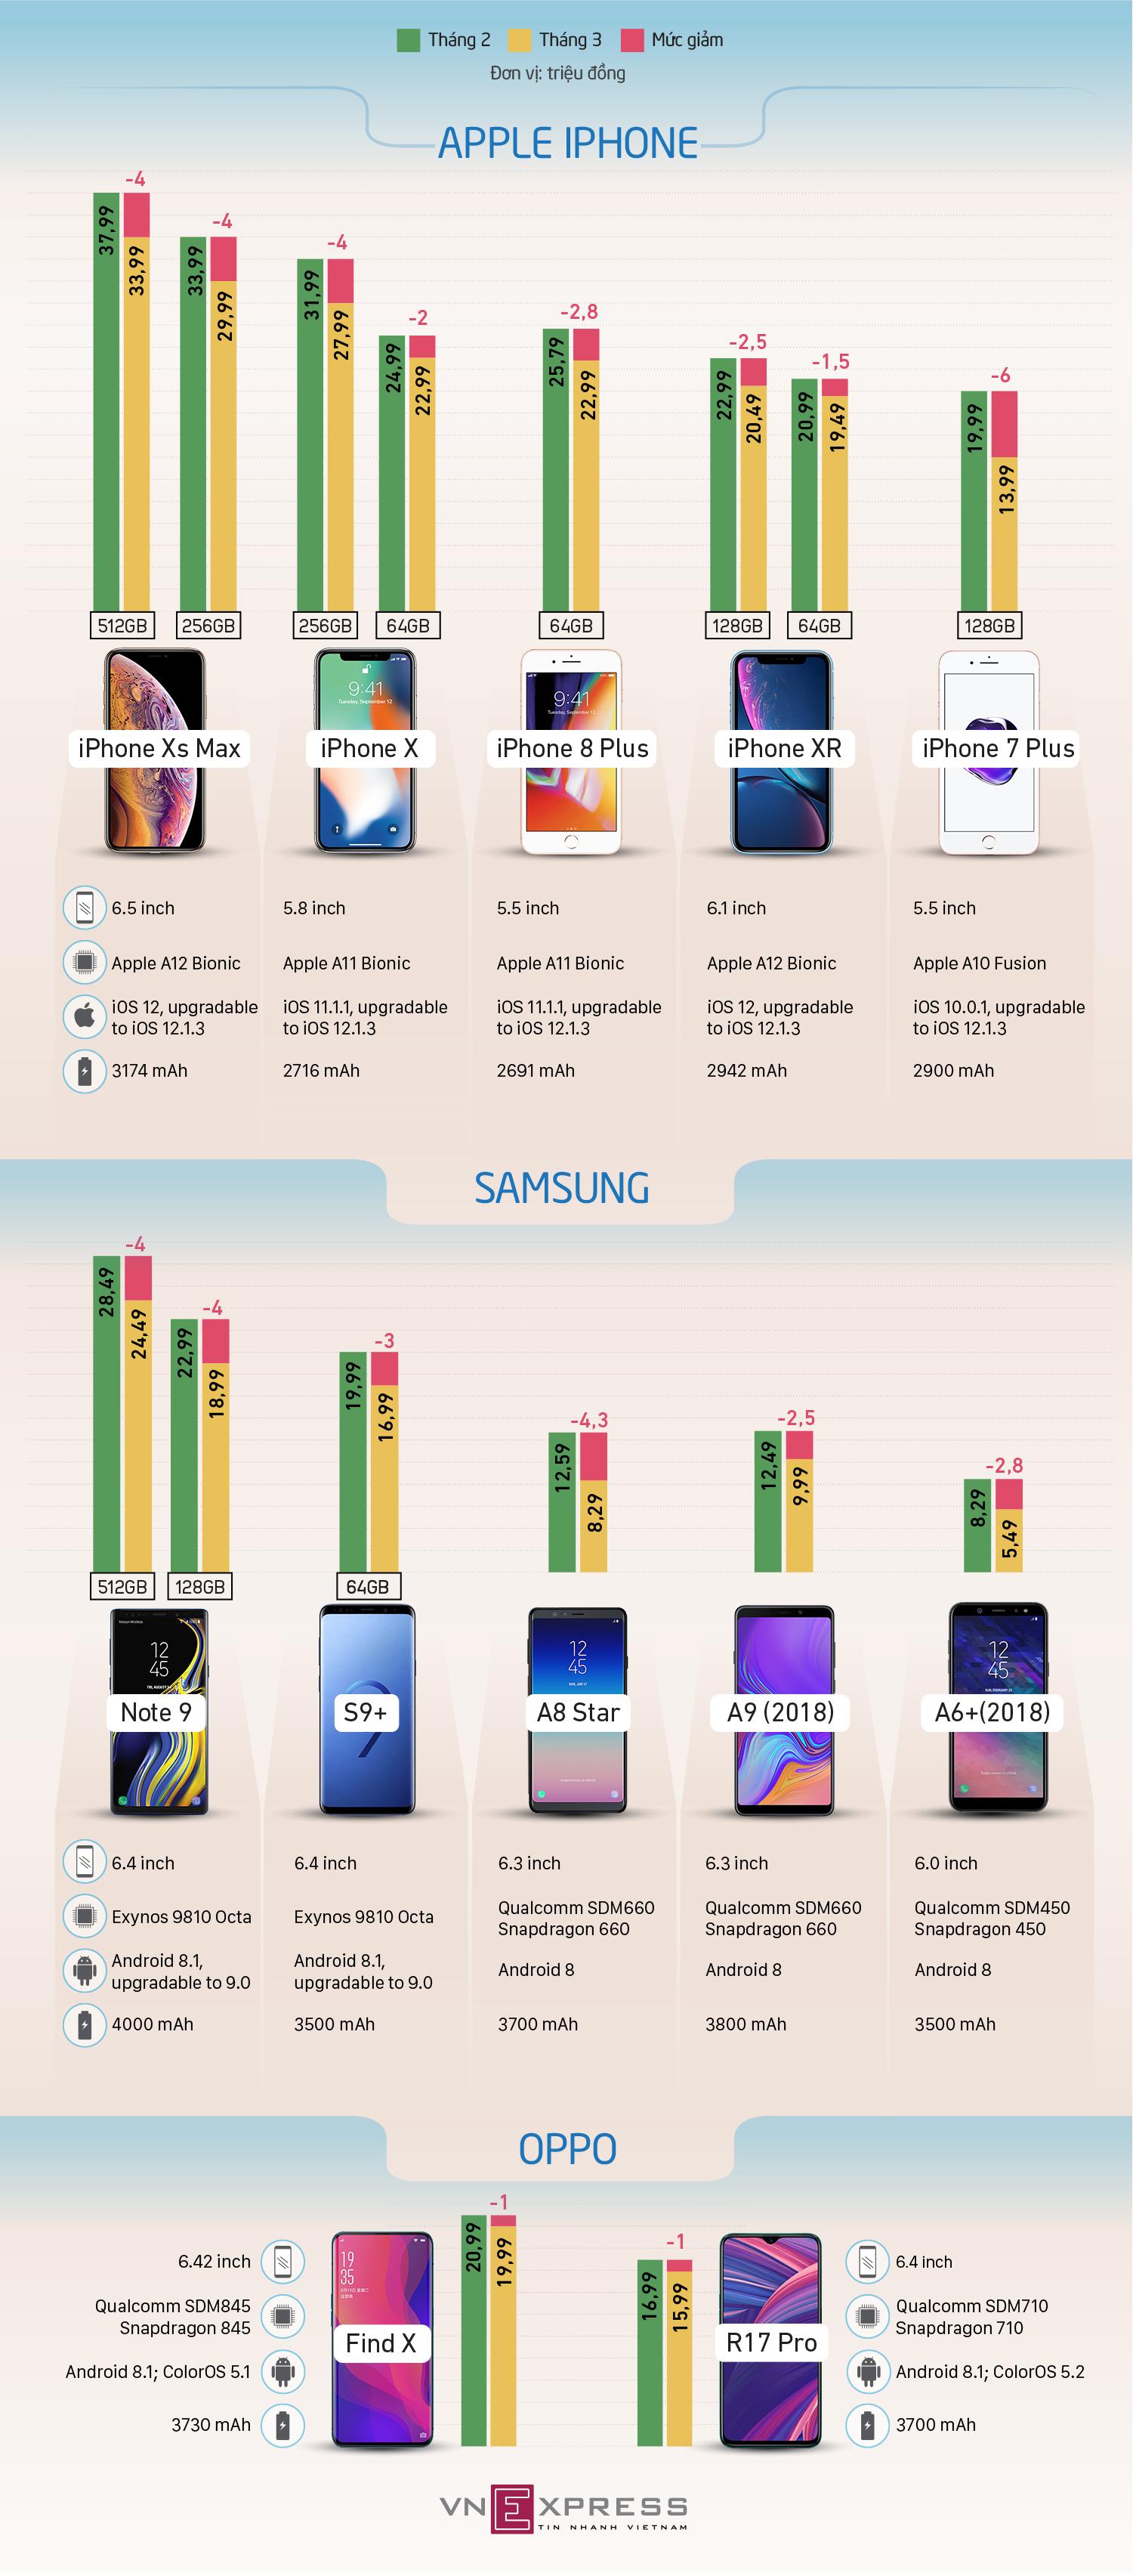 Loạt smartphone giảm giá nhiều nhất tháng 2